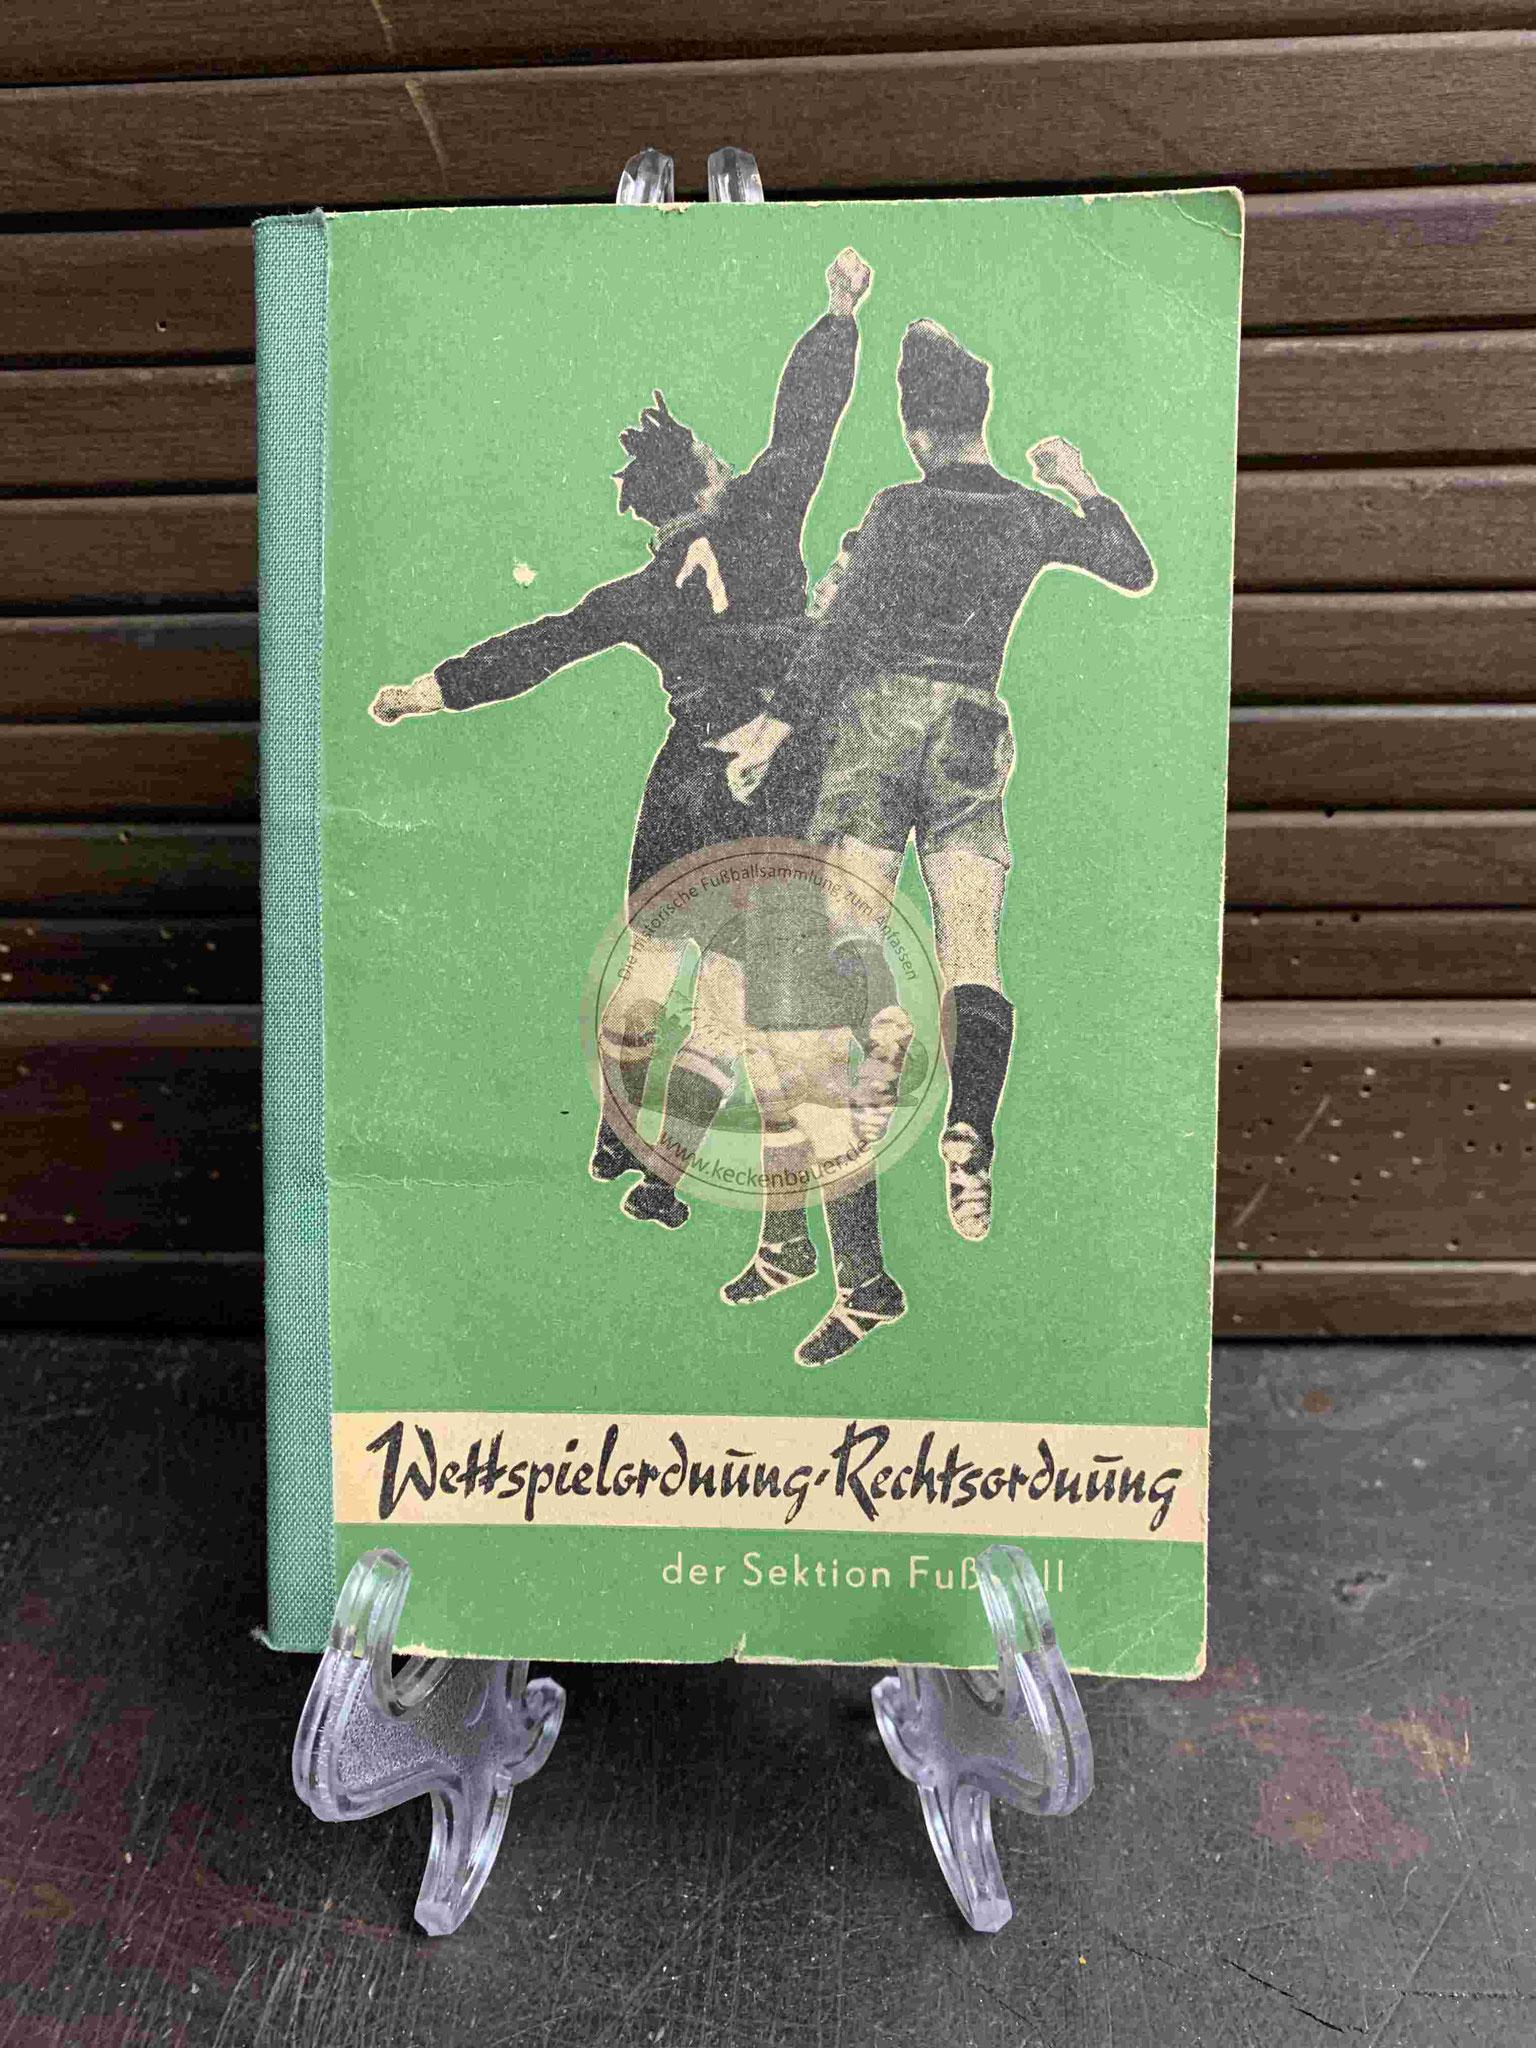 Wettspielordnung Rechtsordnung der Sektion Fußball aus dem Jahr 1954